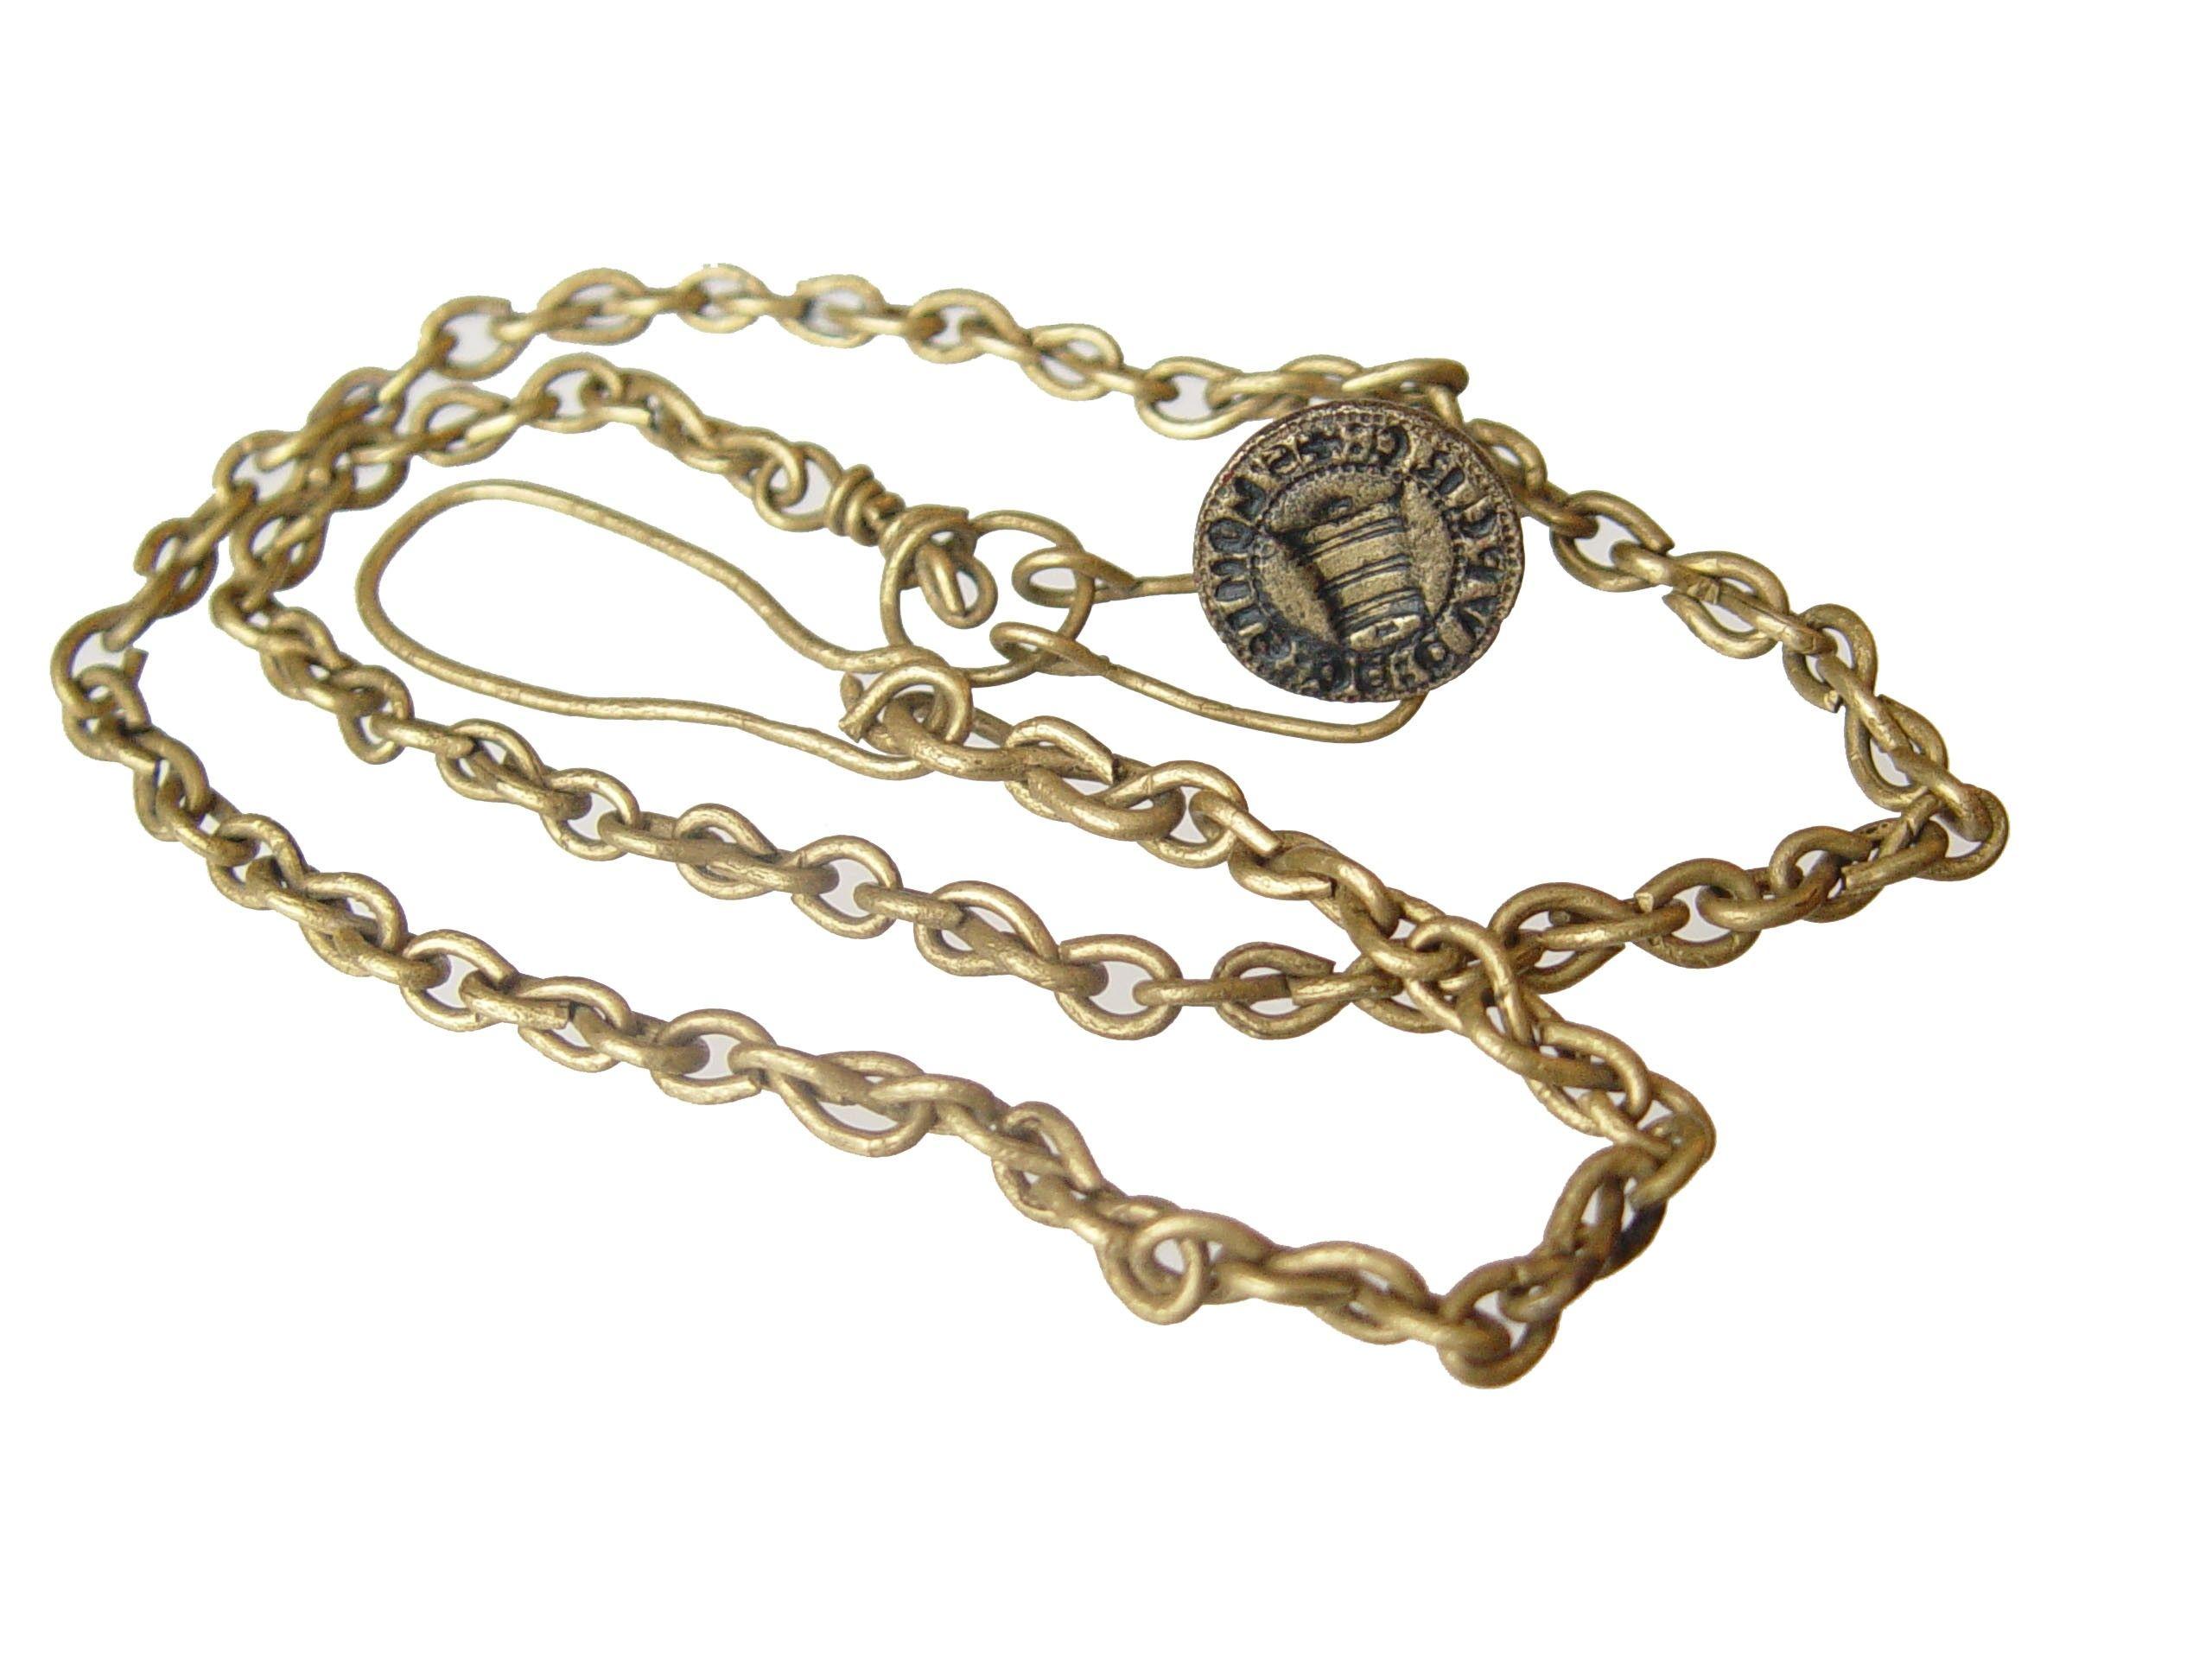 Messing zegelstempel aan messing ketting gevonden in Nieuwlande. De tekst van het stempel luidt:: S'[igillum] LONIS DE CUPERE. Datering 1400-1450. Diameter 1,9cm; hoogte 1,9cm. (Particuliere collectie)